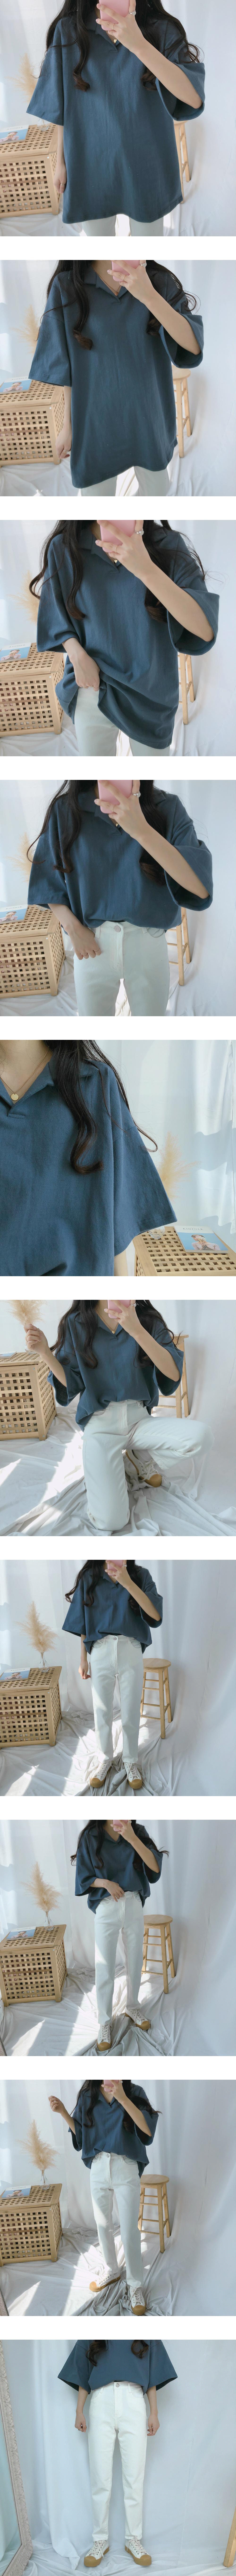 Open collar short sleeve t-shirt